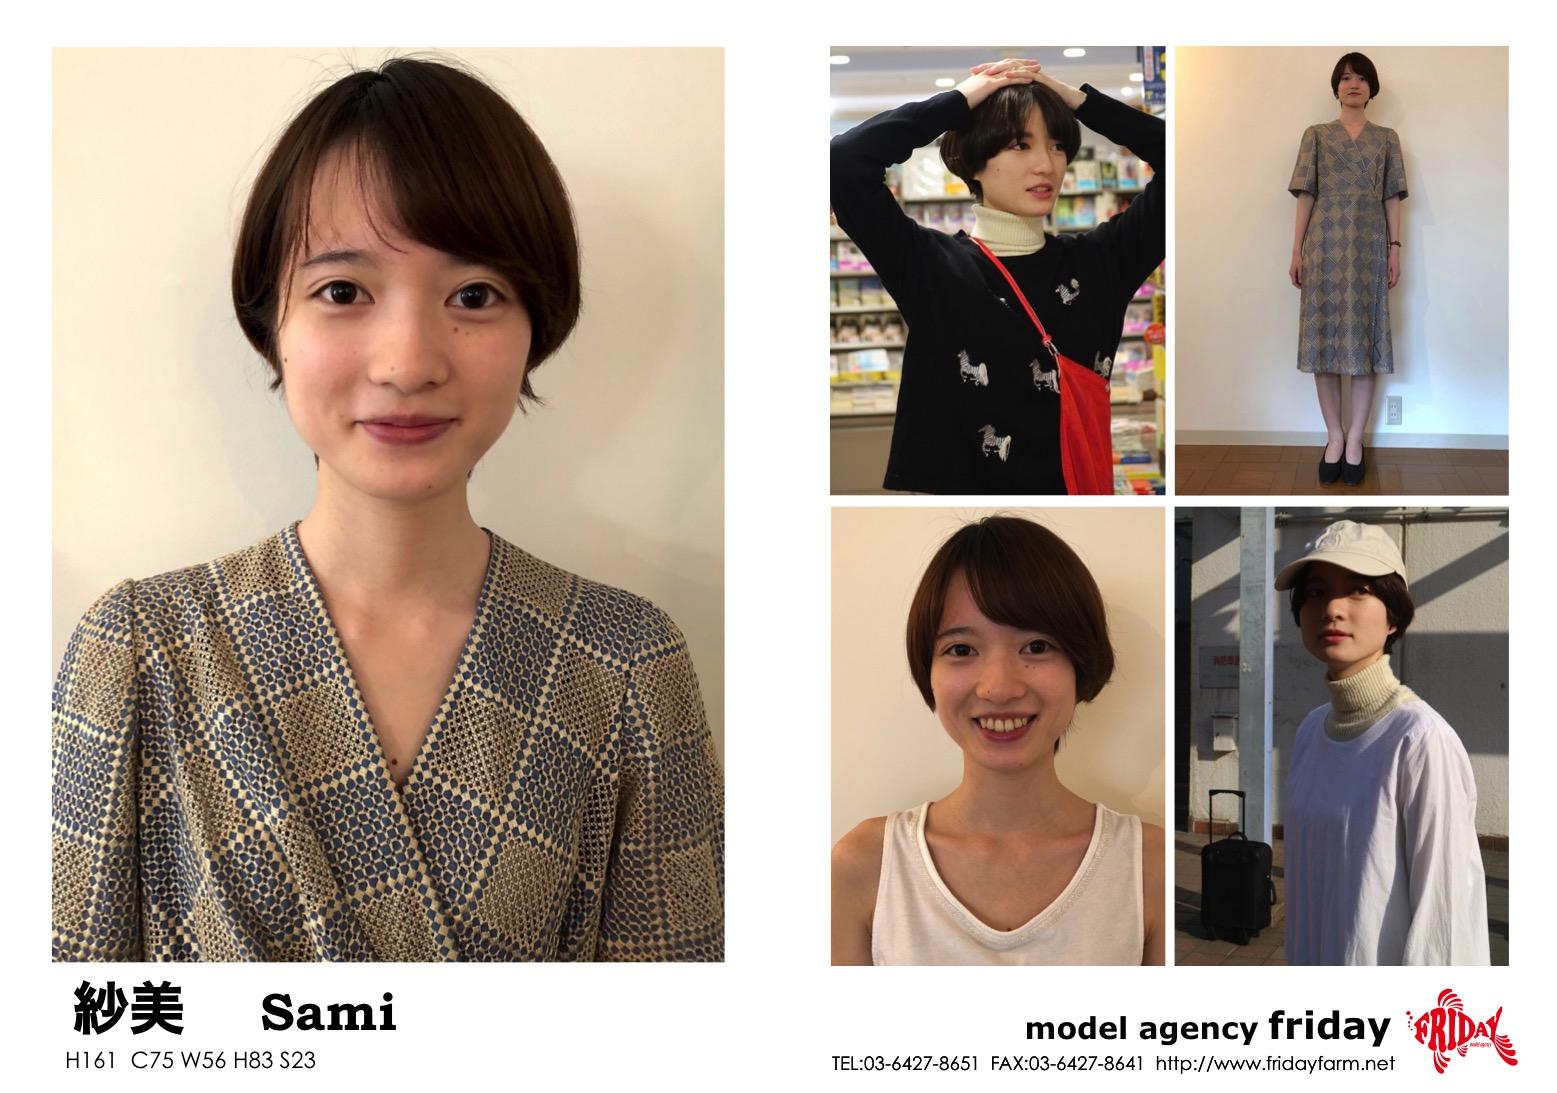 紗美 - Sami | model agency friday